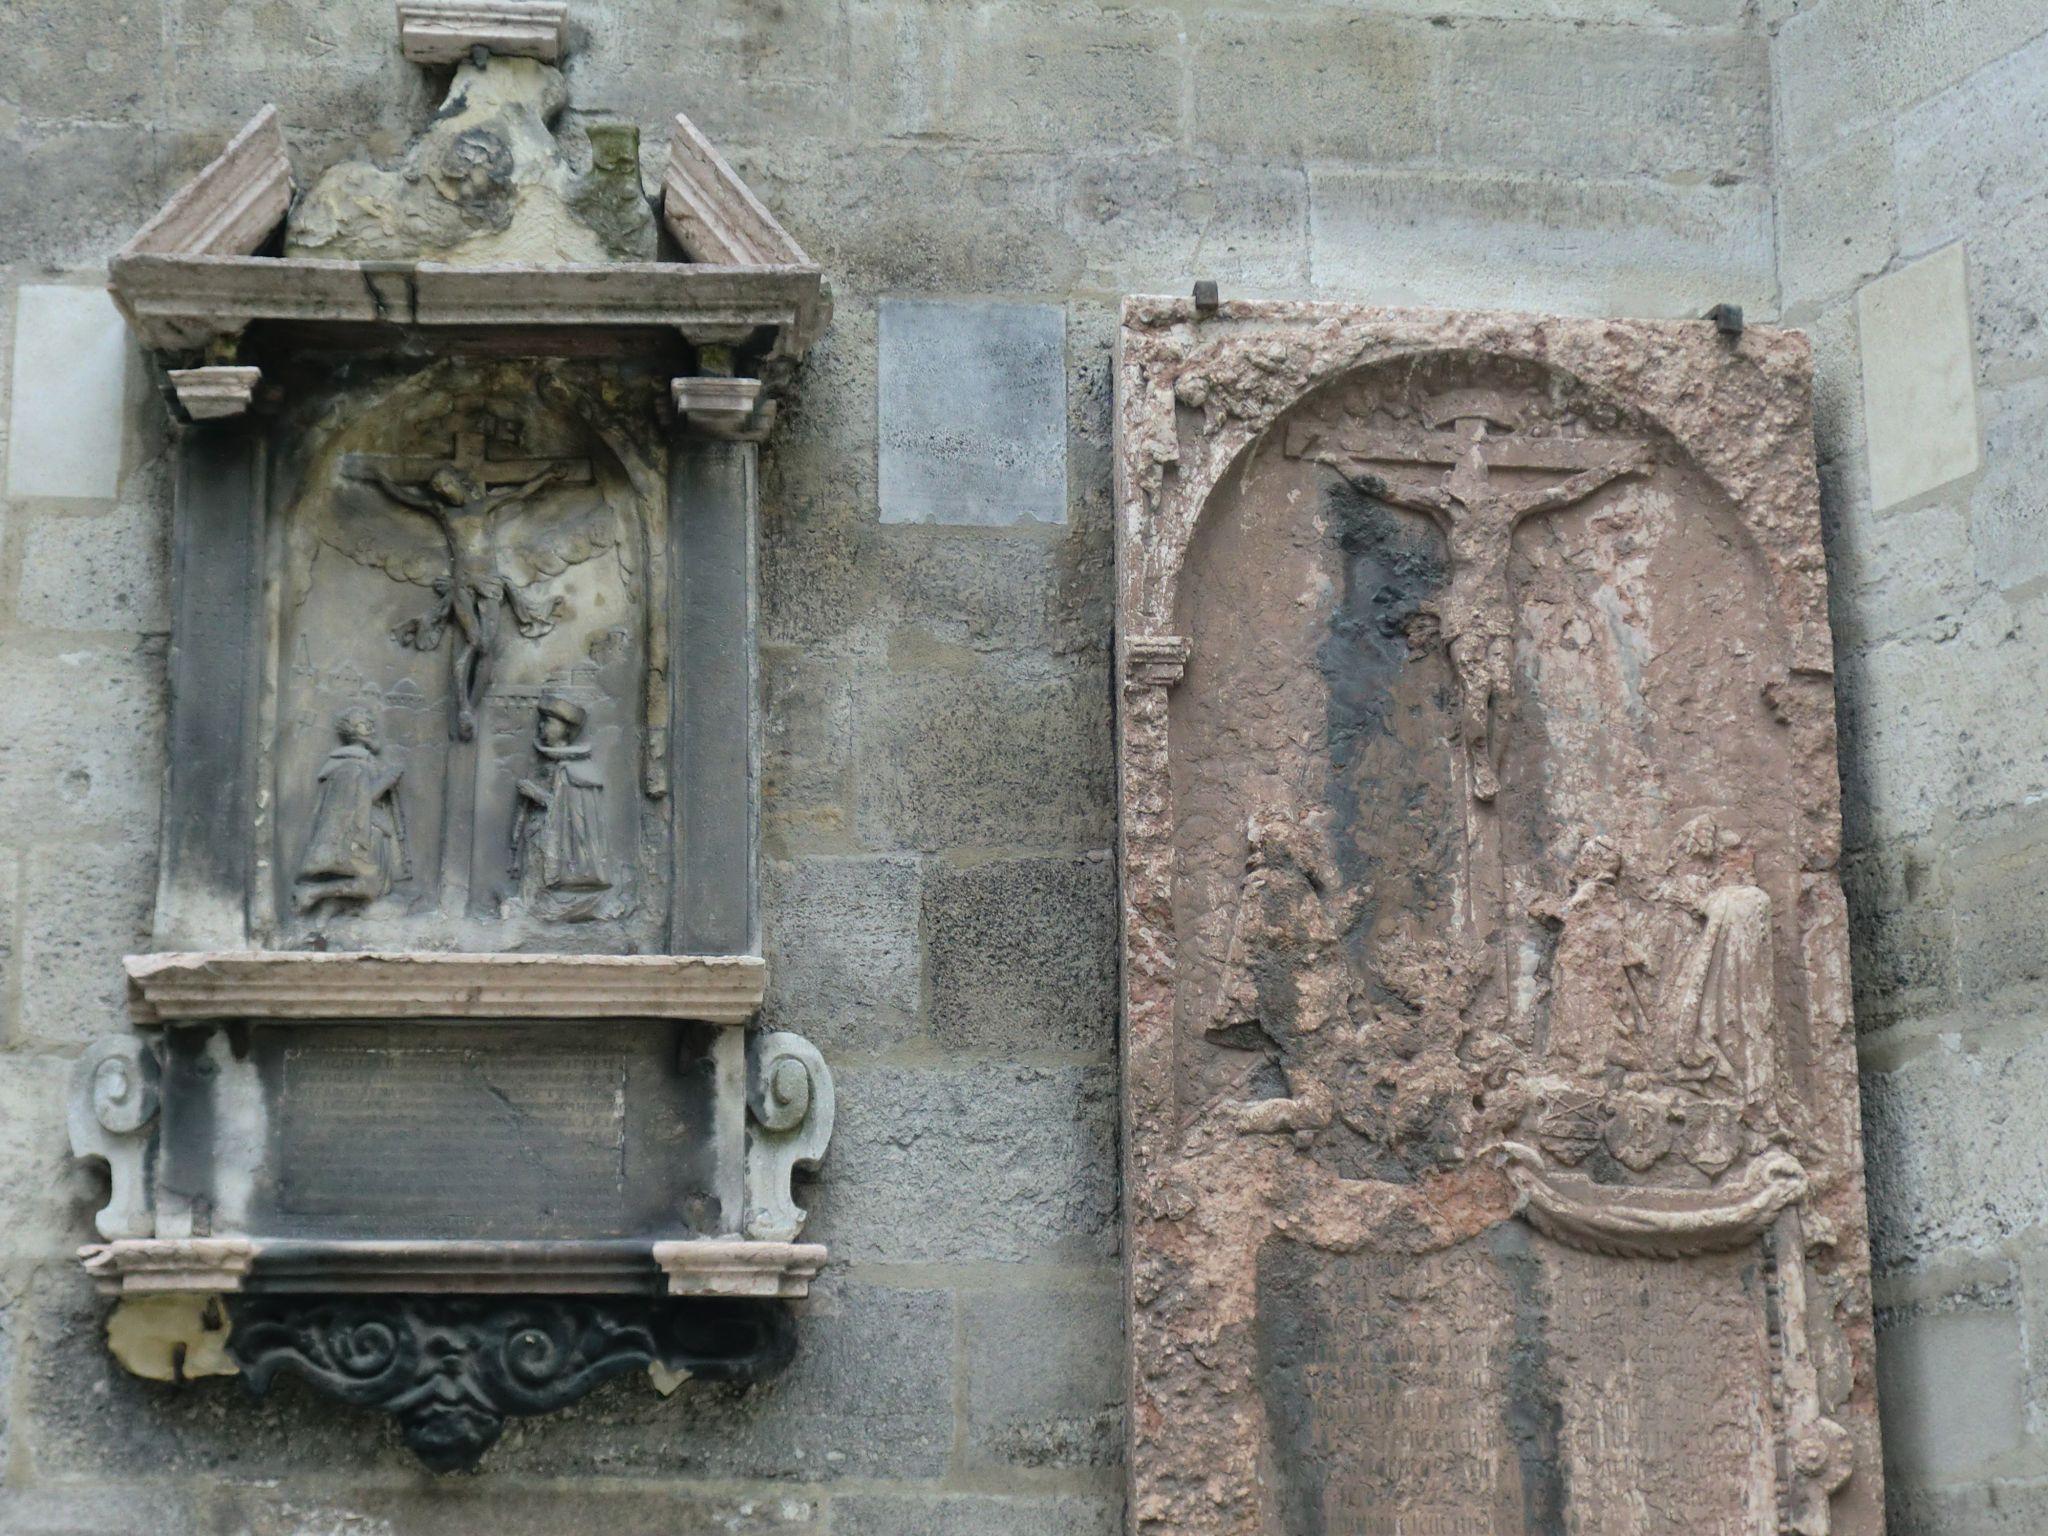 Vienna cathedral 40 1440x1080 - Vienna: elegant beauty